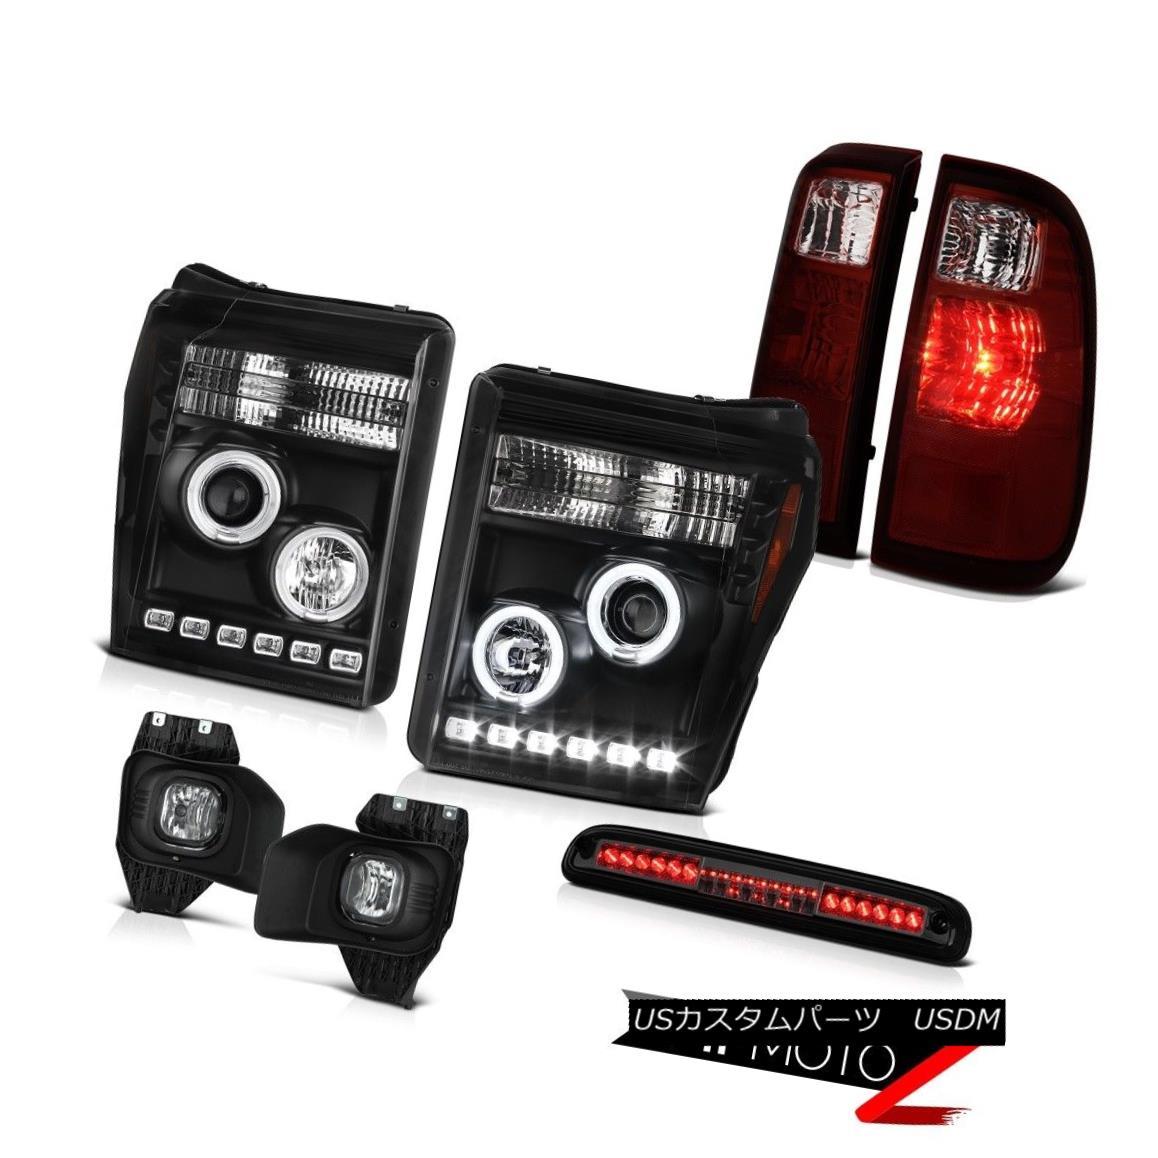 テールライト 11-16 Ford F-250 High Stop Lamp Foglamps Red Smoke Rear Brake Lights Headlamps 11-16 Ford F-250ハイストップランプフォグランプレッドスモークリアブレーキライトヘッドランプ